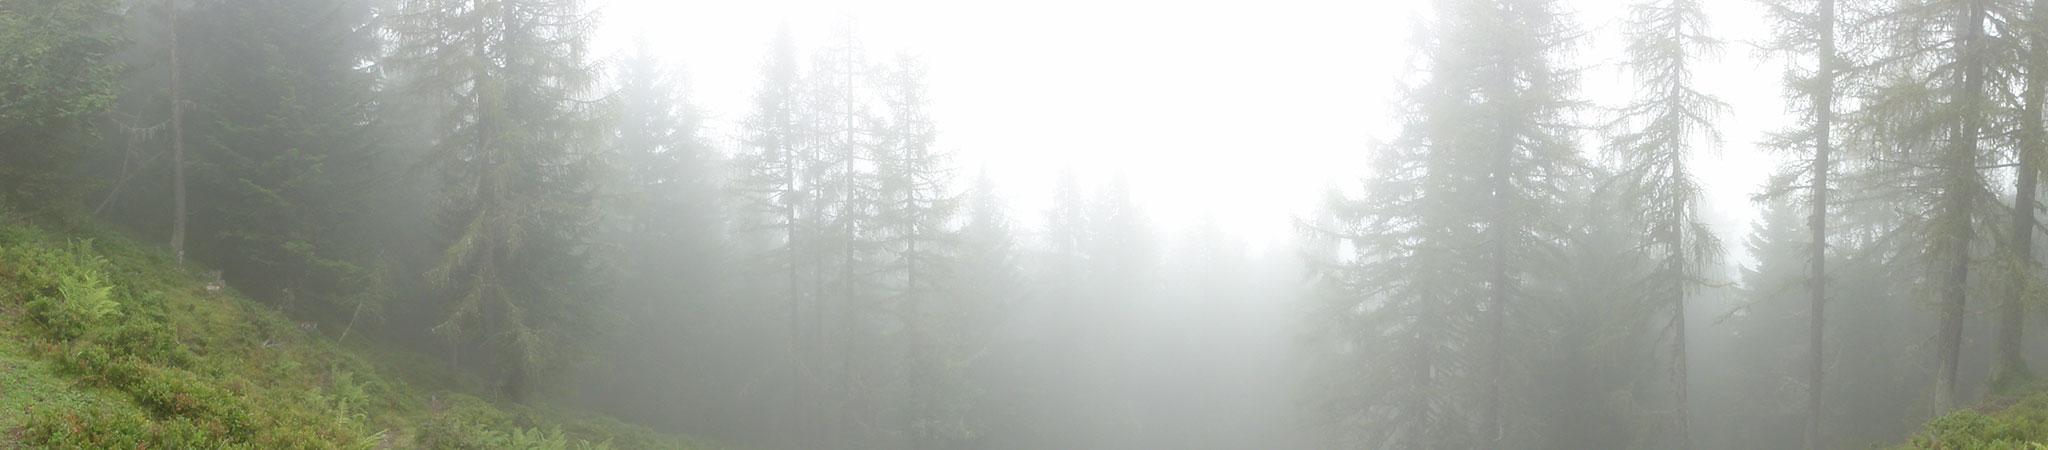 Arnoweg: Während dem Aufstieg von Maria Alm auf den Hundstein war es zunächst stark nebelig.